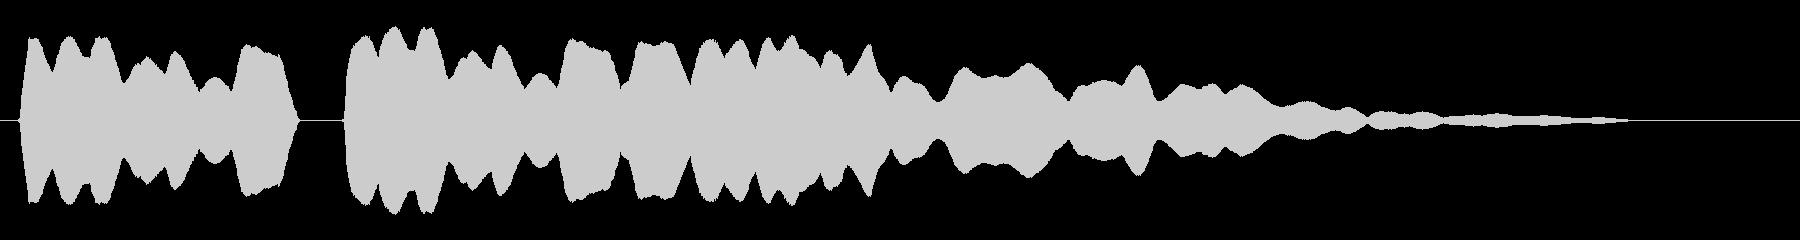 ピピーッ(高音のホイッスル音)の未再生の波形